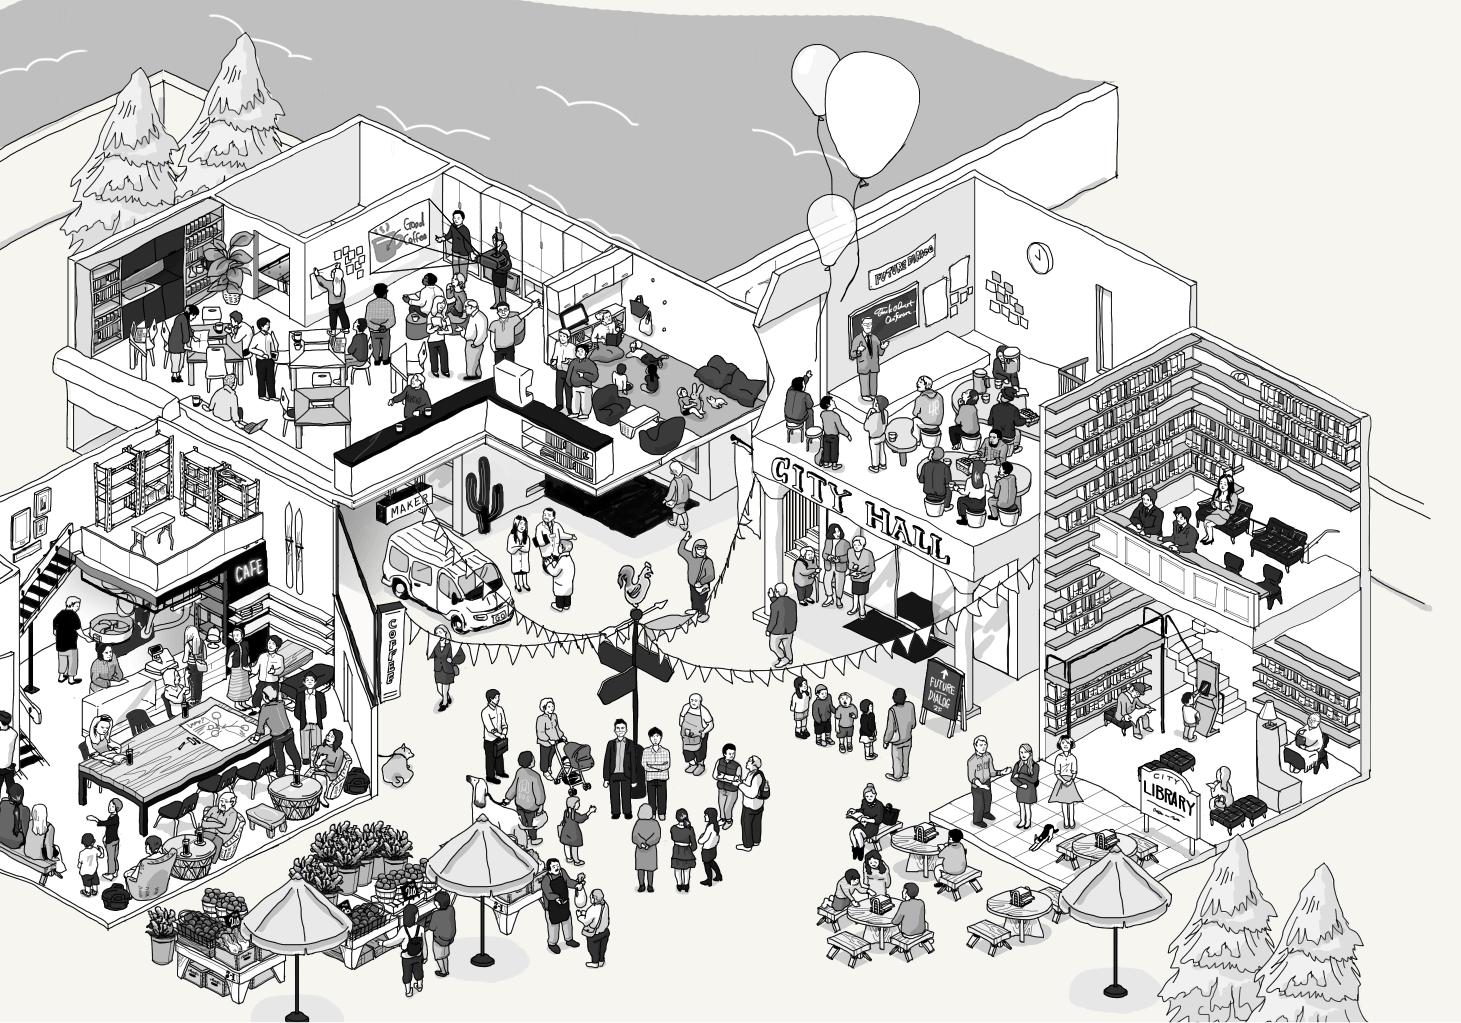 フューチャーセッション説明会 10/30【夜】 ー新規事業コンセプトの創出事例とセッション体験ー